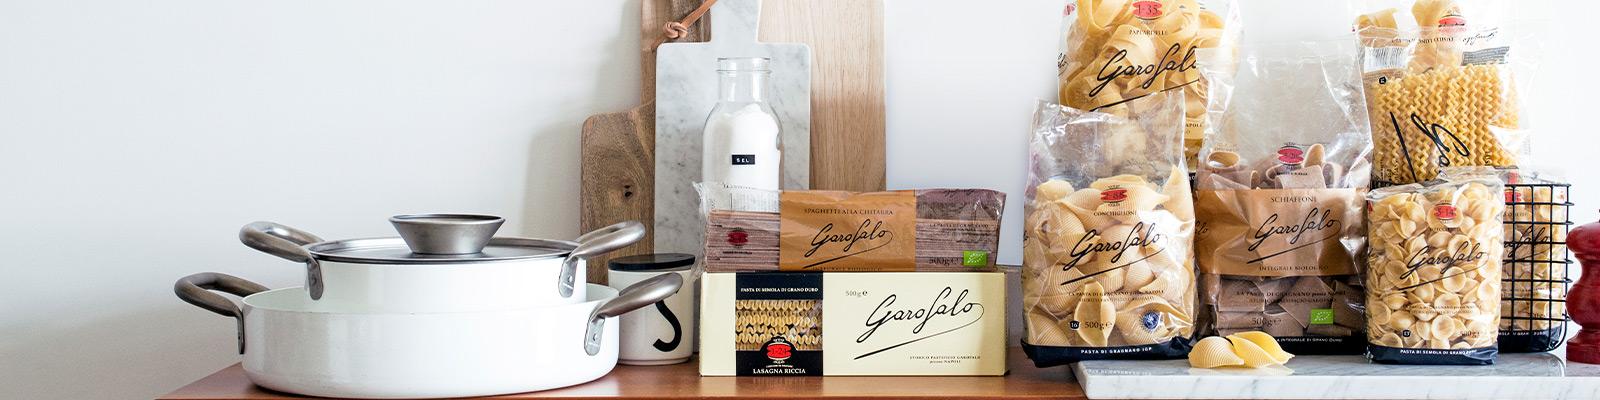 Pasta Garofalo - Formatos Especiales